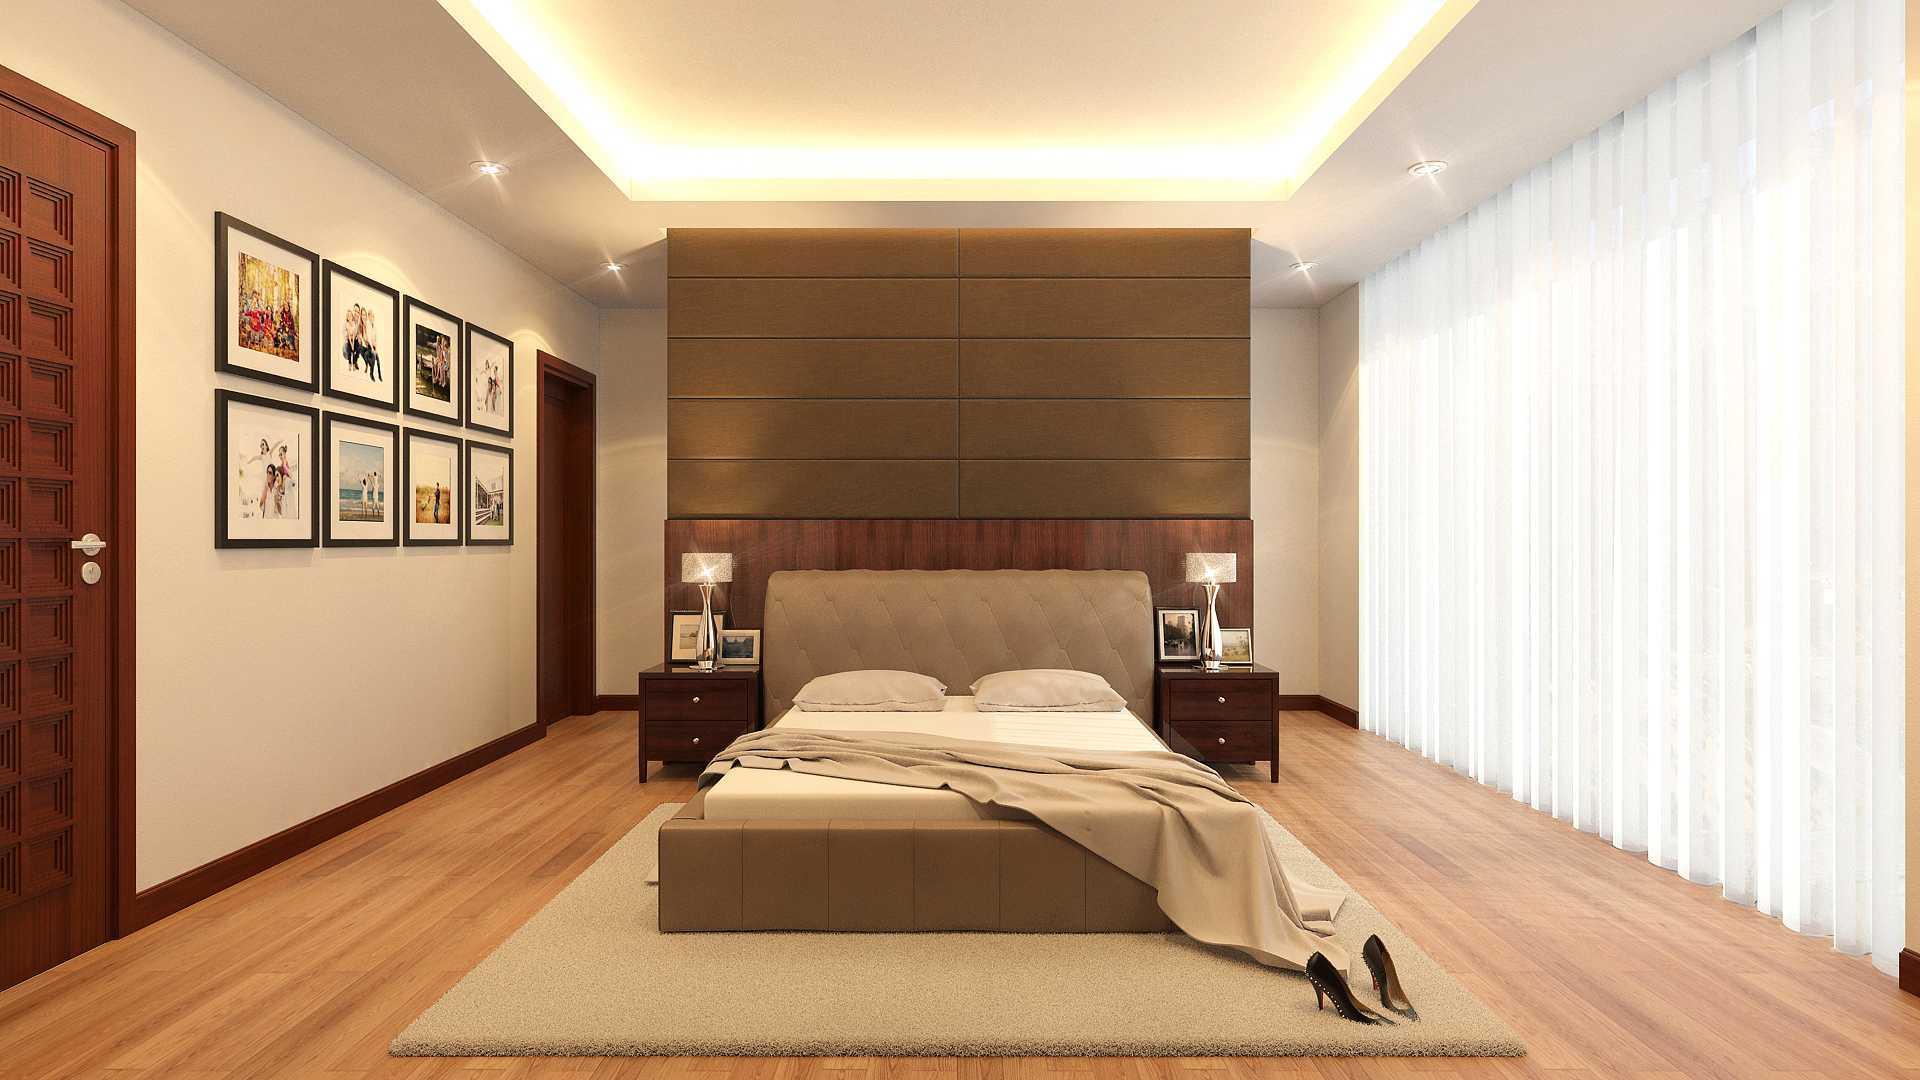 Pt Dekorasi Hunian Indonesia Private Villa At Bali Bali, Indonesia Bali, Indonesia Master Bedroom   46478